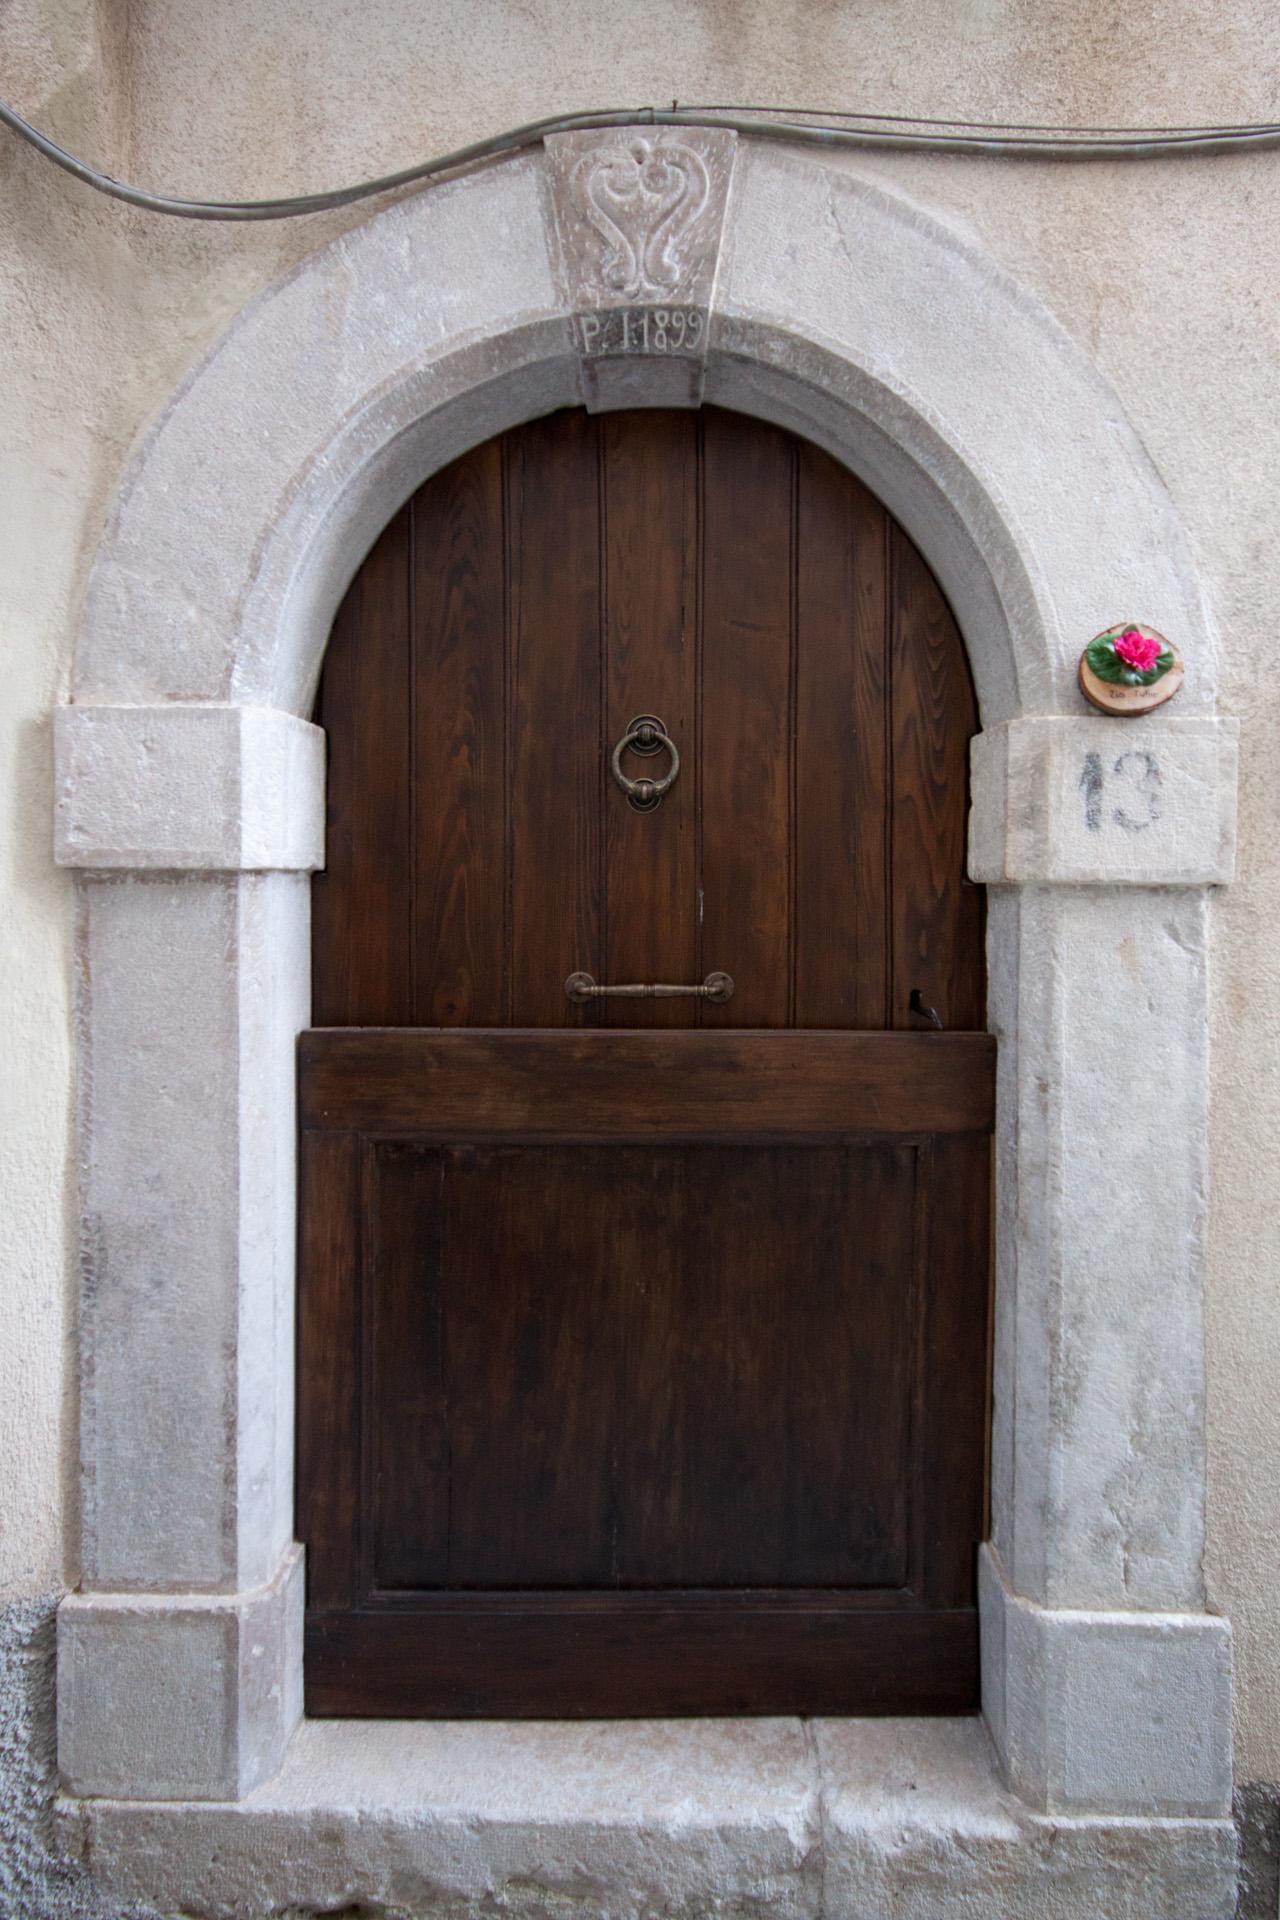 http://www.bebilborgo.com/sito/uploads/2014/07/appartamento-scapoli-zio-tullio-IMG_9924.jpg